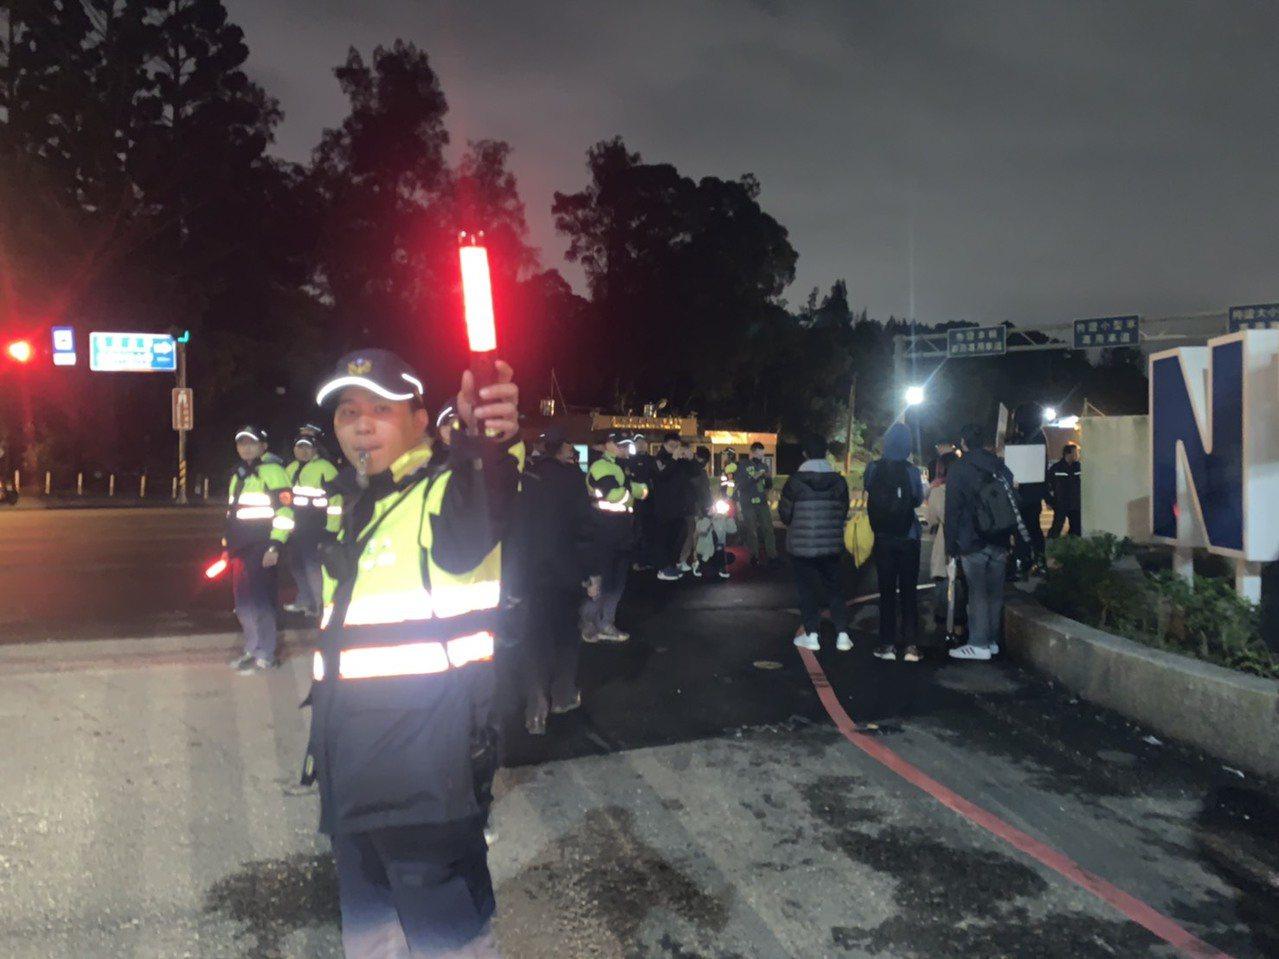 陈小春今晚在体育大学开唱,现场有10多名香港学生抗议,警方在低温中维安,勤务预计...